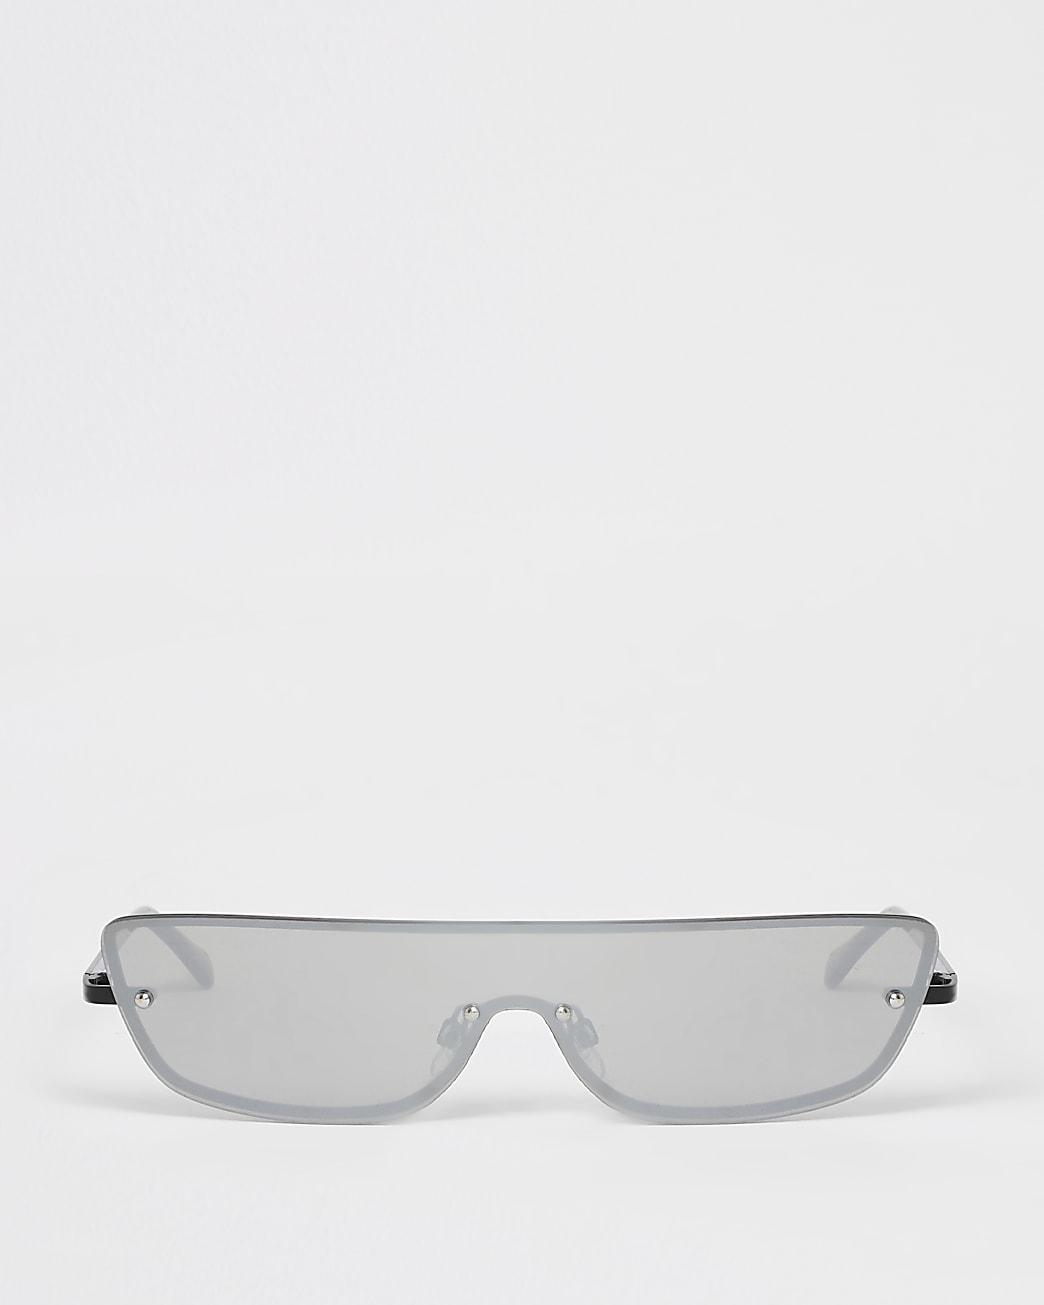 Black rimless half visor sunglasses